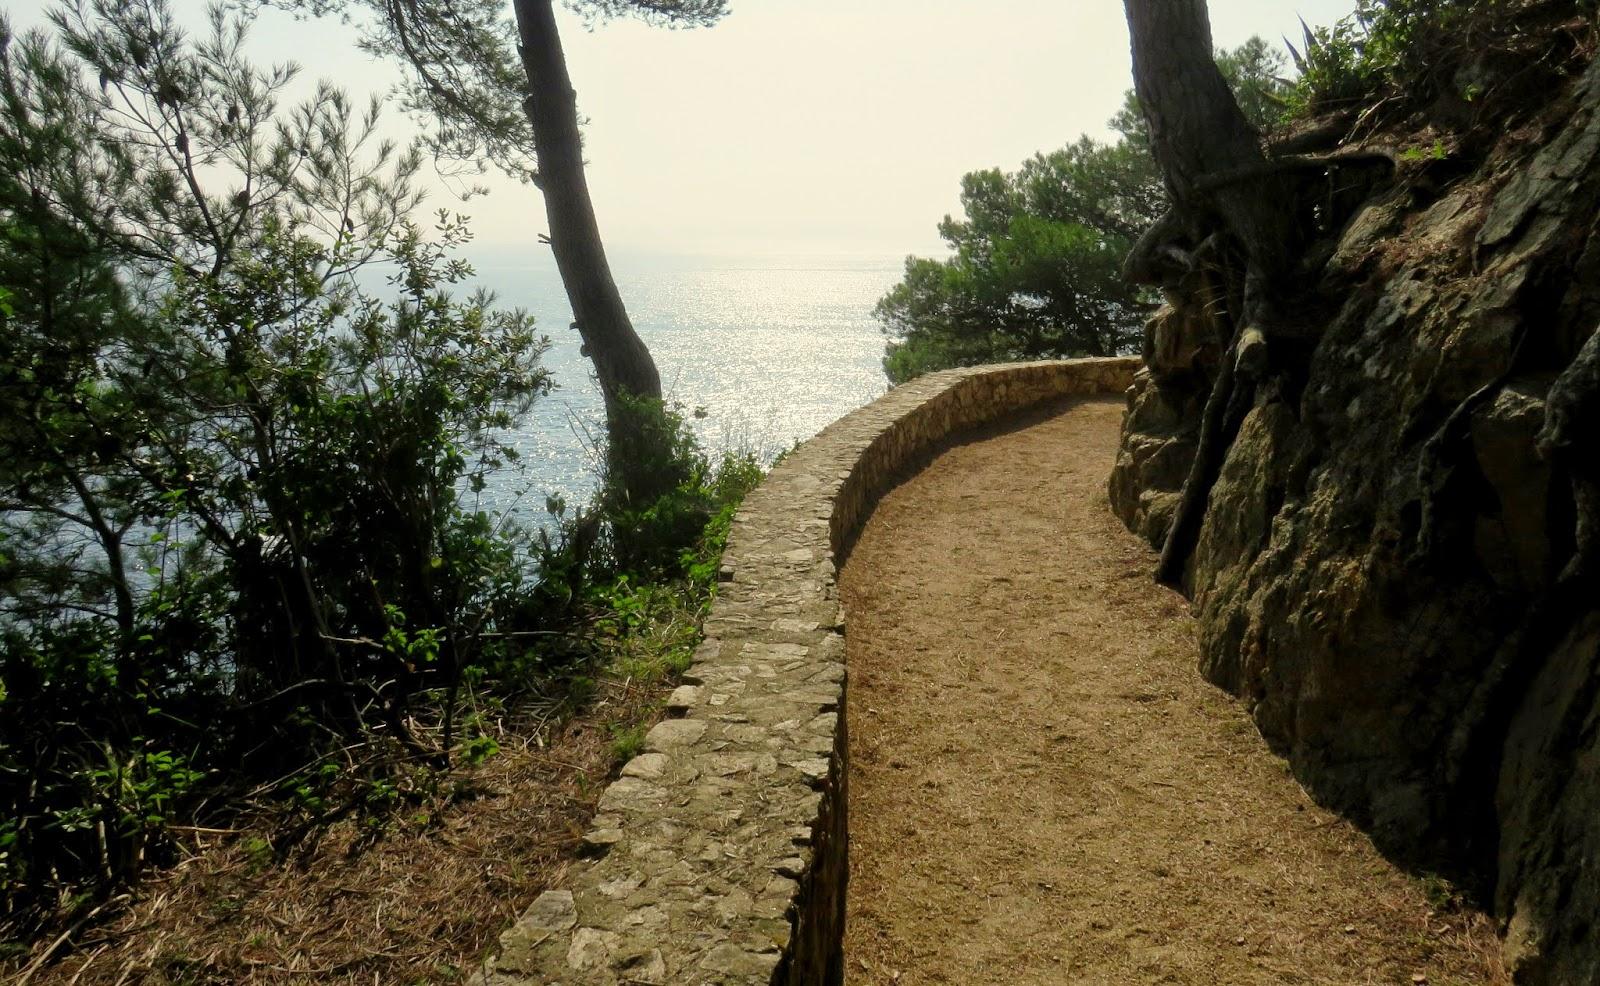 calella de palafrugell,  cami de ronda, playa del castell